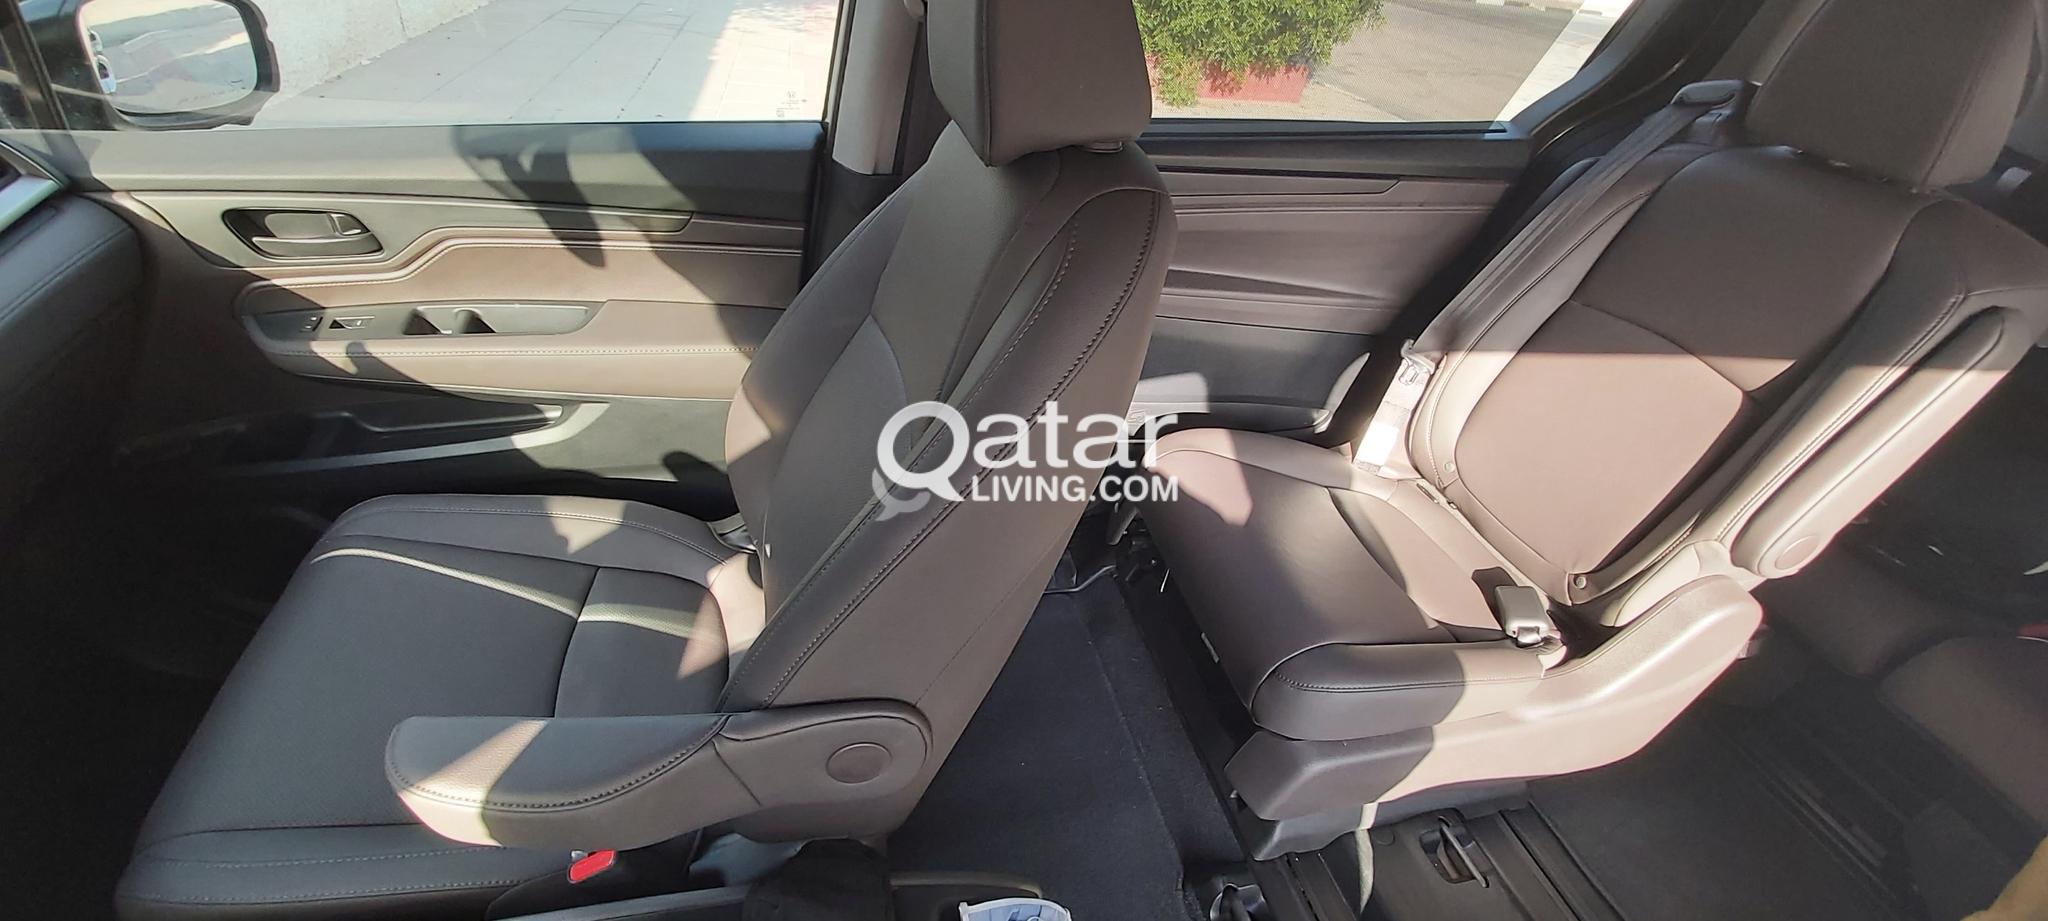 Honda Odyssey 2019 EXL - NEW - ONLY 500KM